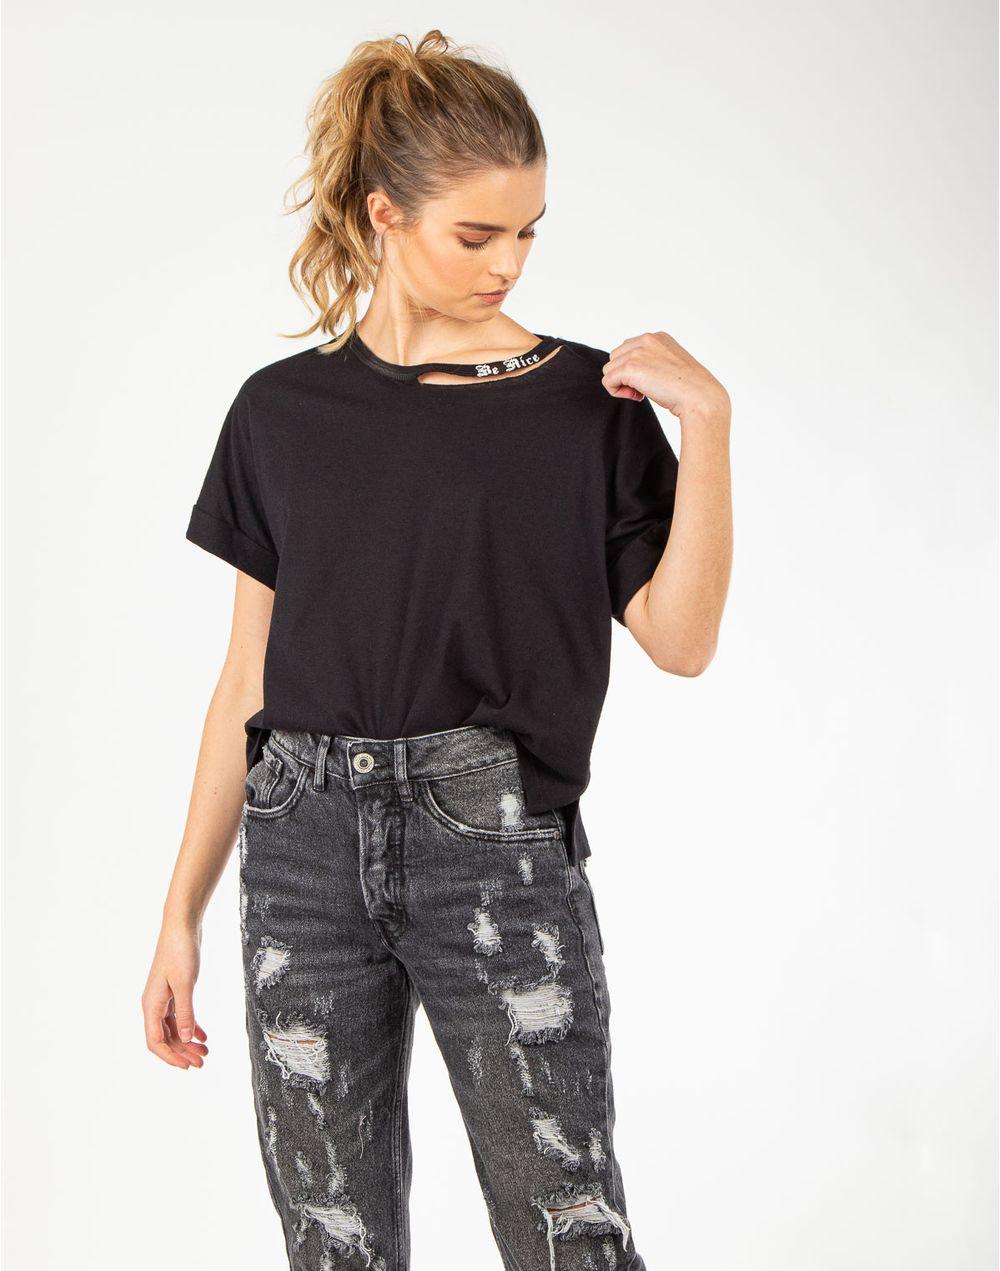 camiseta-180240-negro-1.jpg